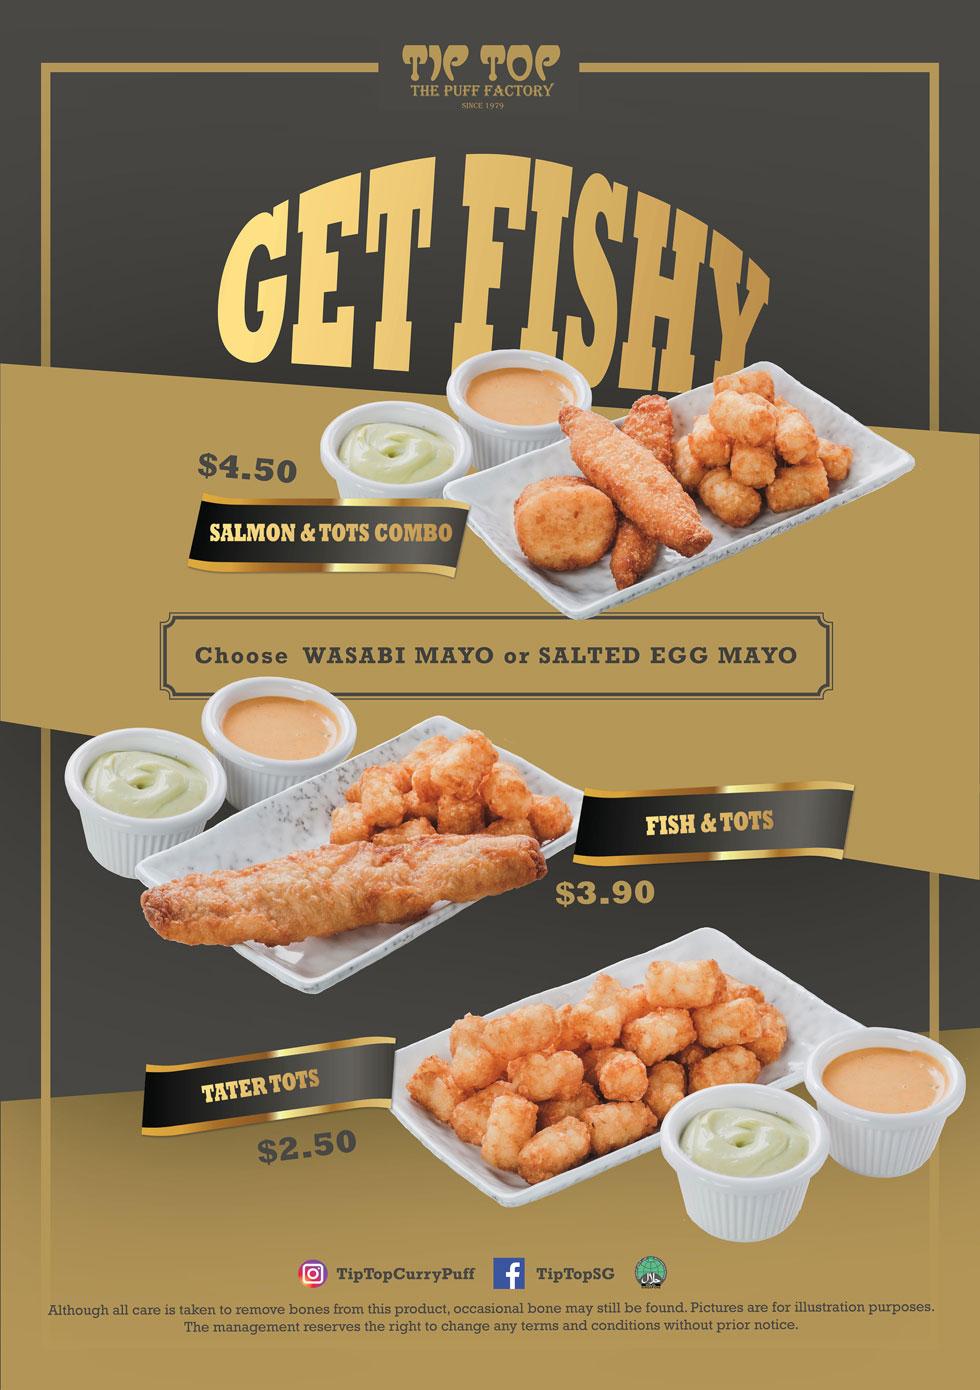 Get Fishy